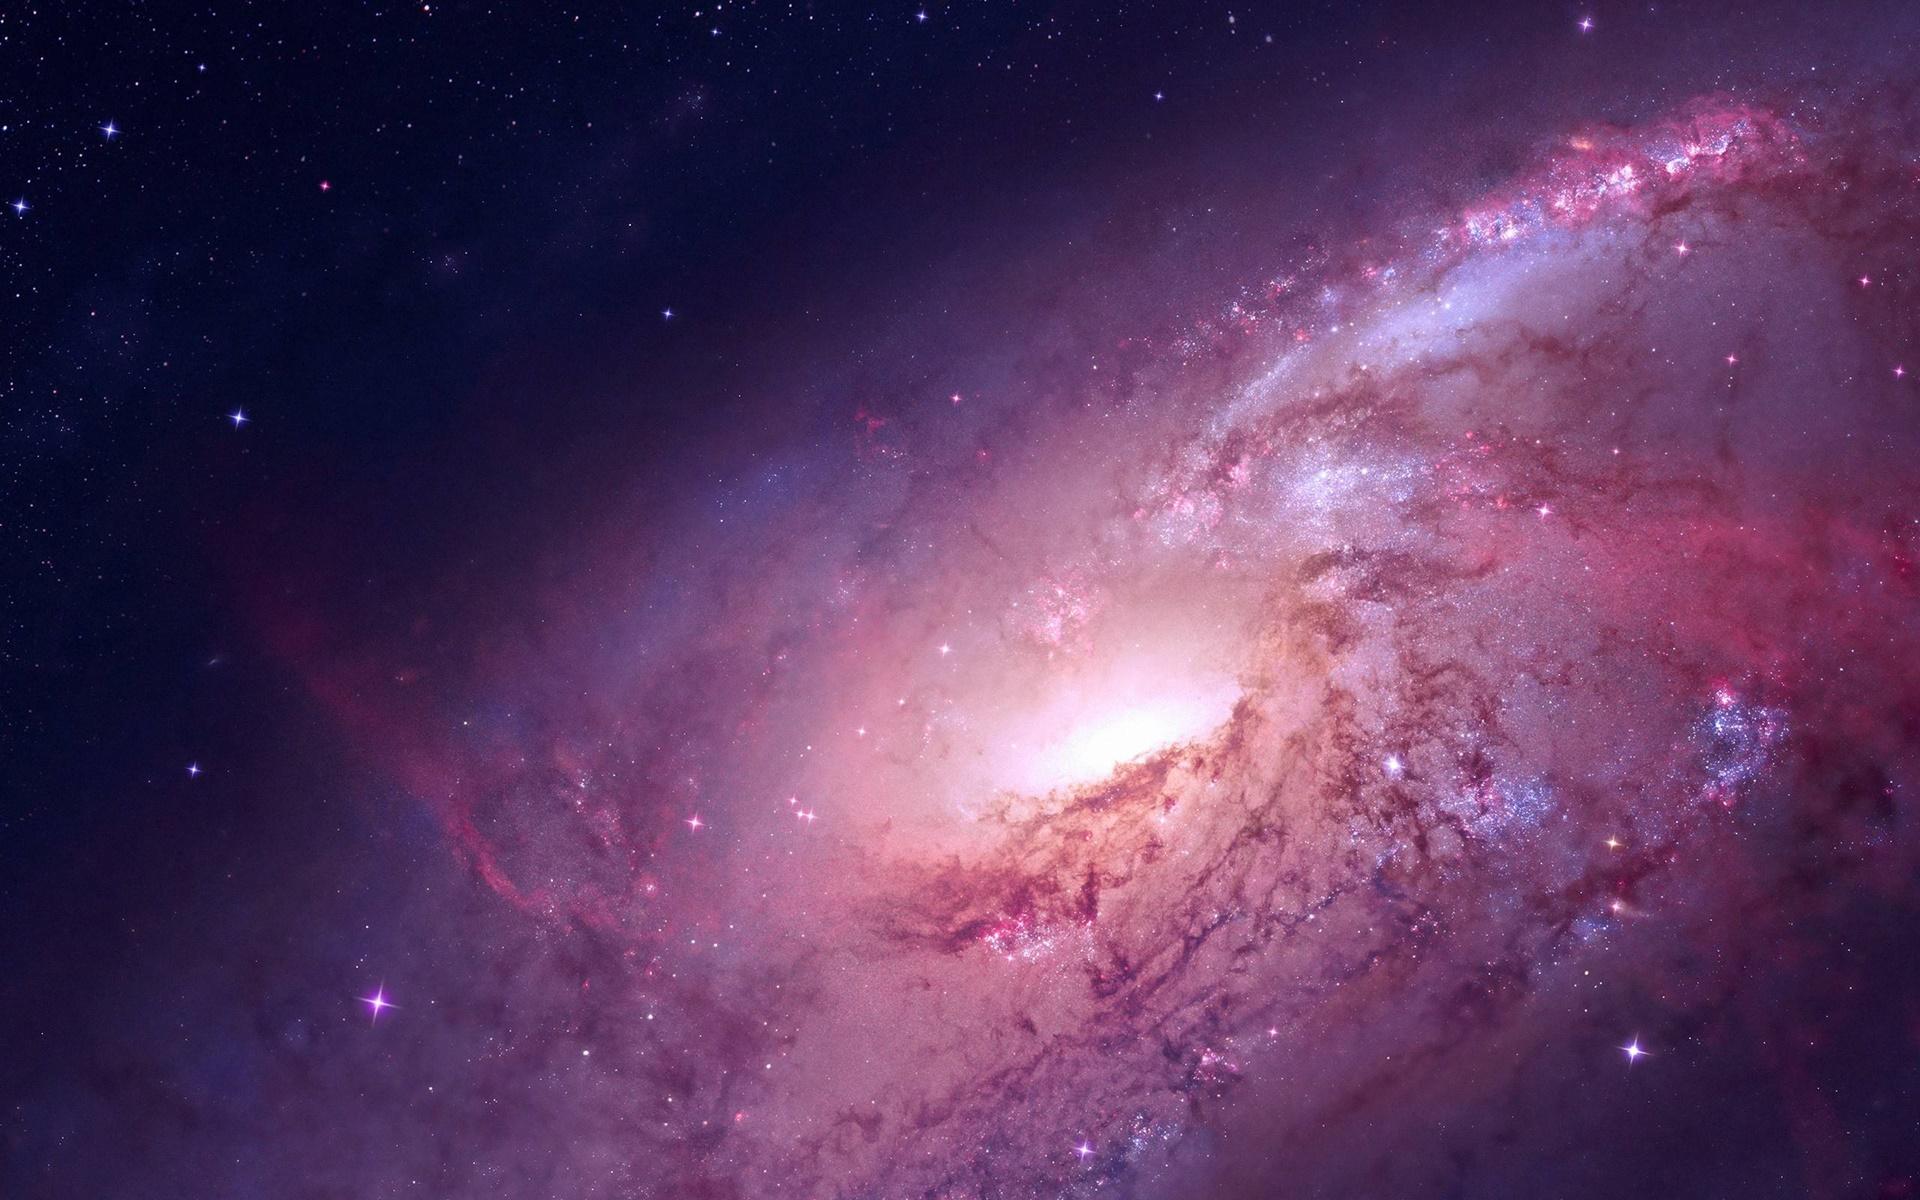 Tải về ảnh nền galaxy